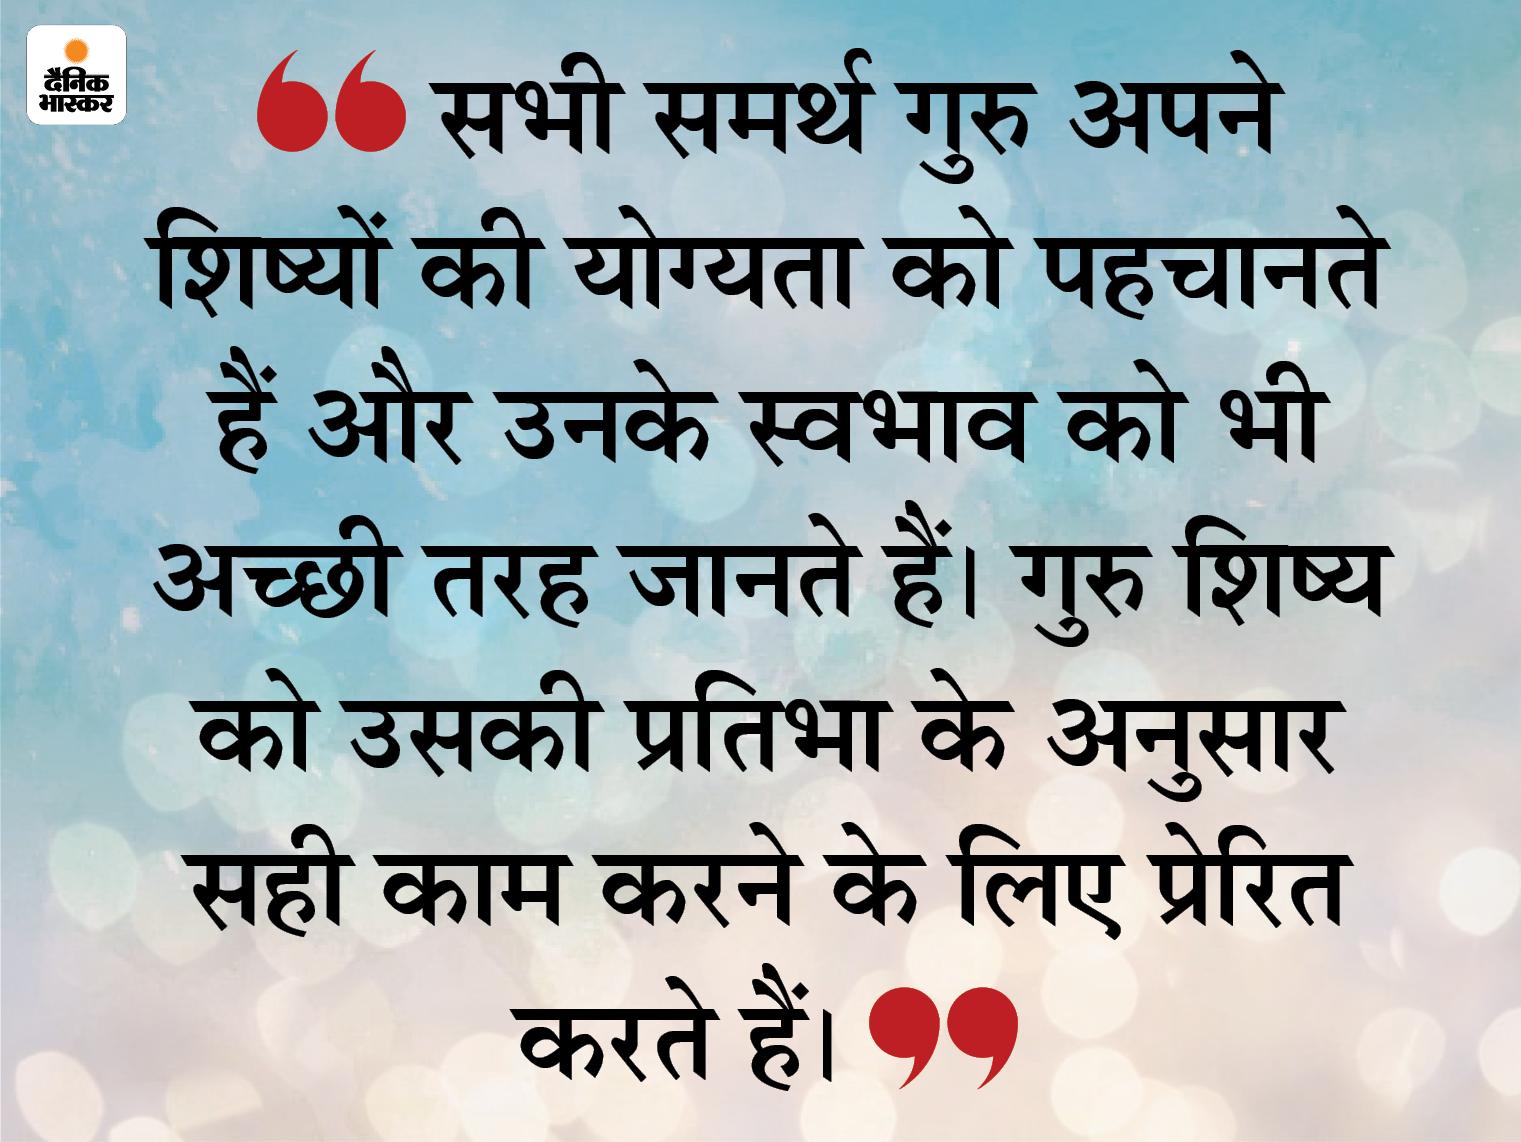 माता-पिता संतान के गुरु होते हैं, बच्चों की प्रतिभा को पहचानकर उन्हें उसी क्षेत्र में आगे बढ़ाना चाहिए|धर्म,Dharm - Dainik Bhaskar